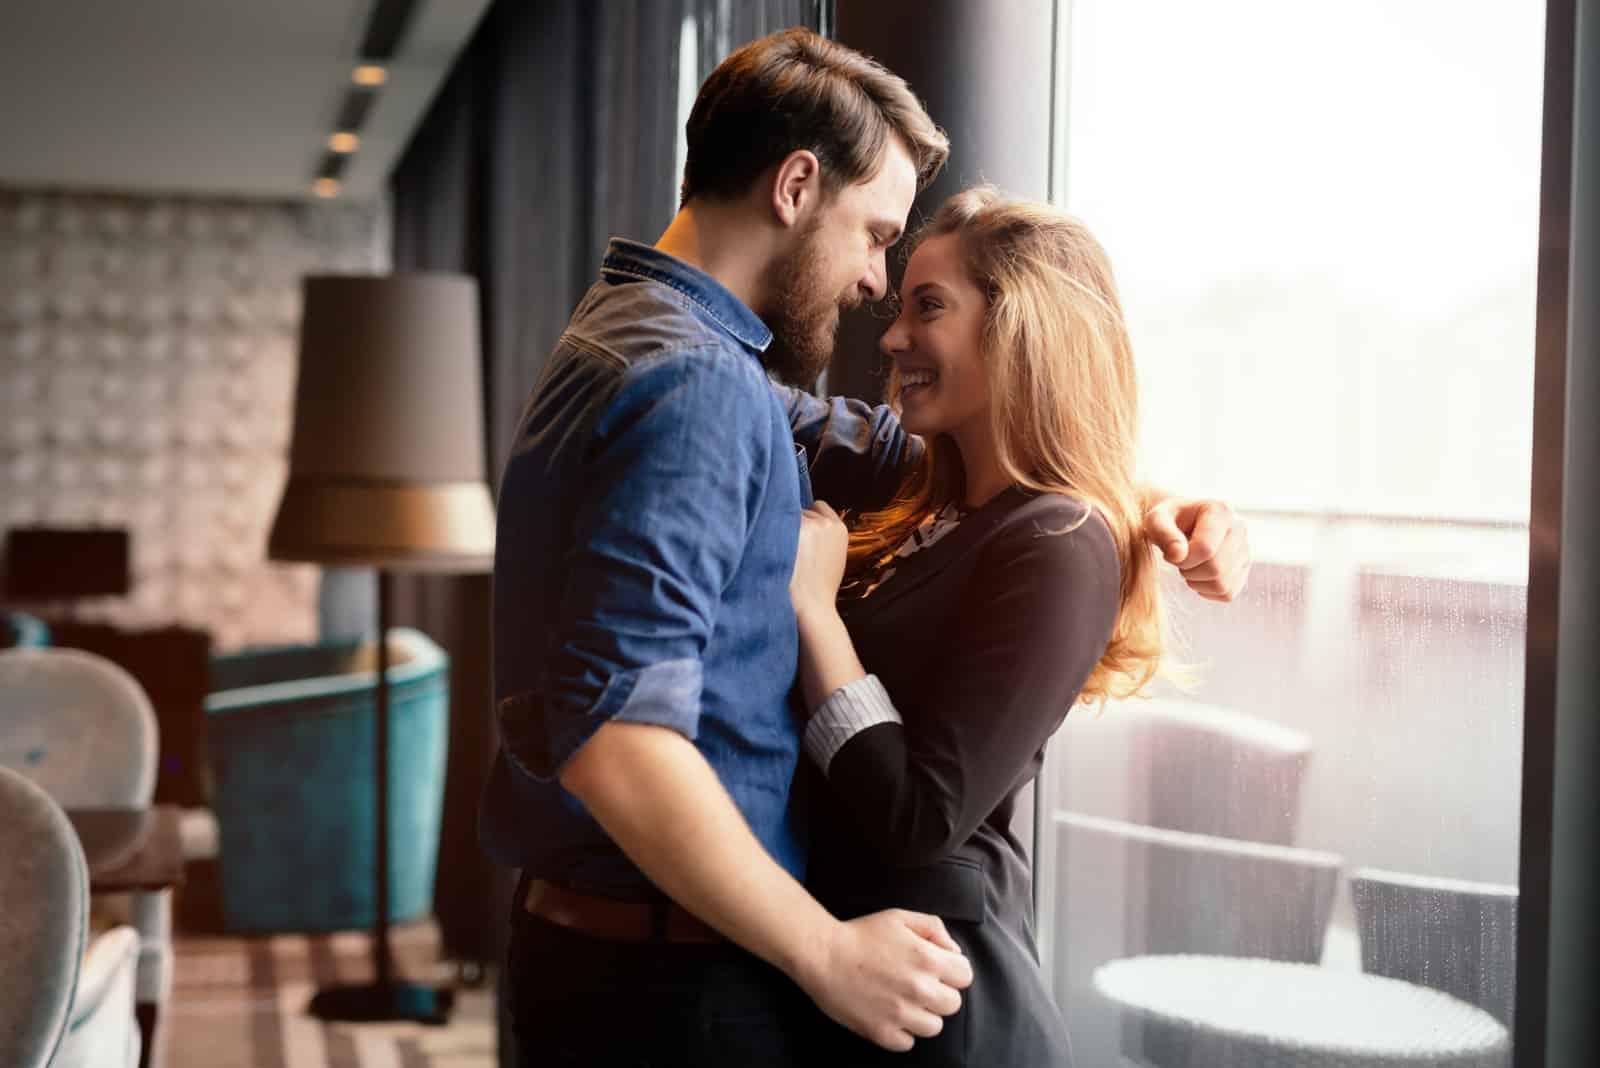 Paar, das echte Gefühle und Glück teilt